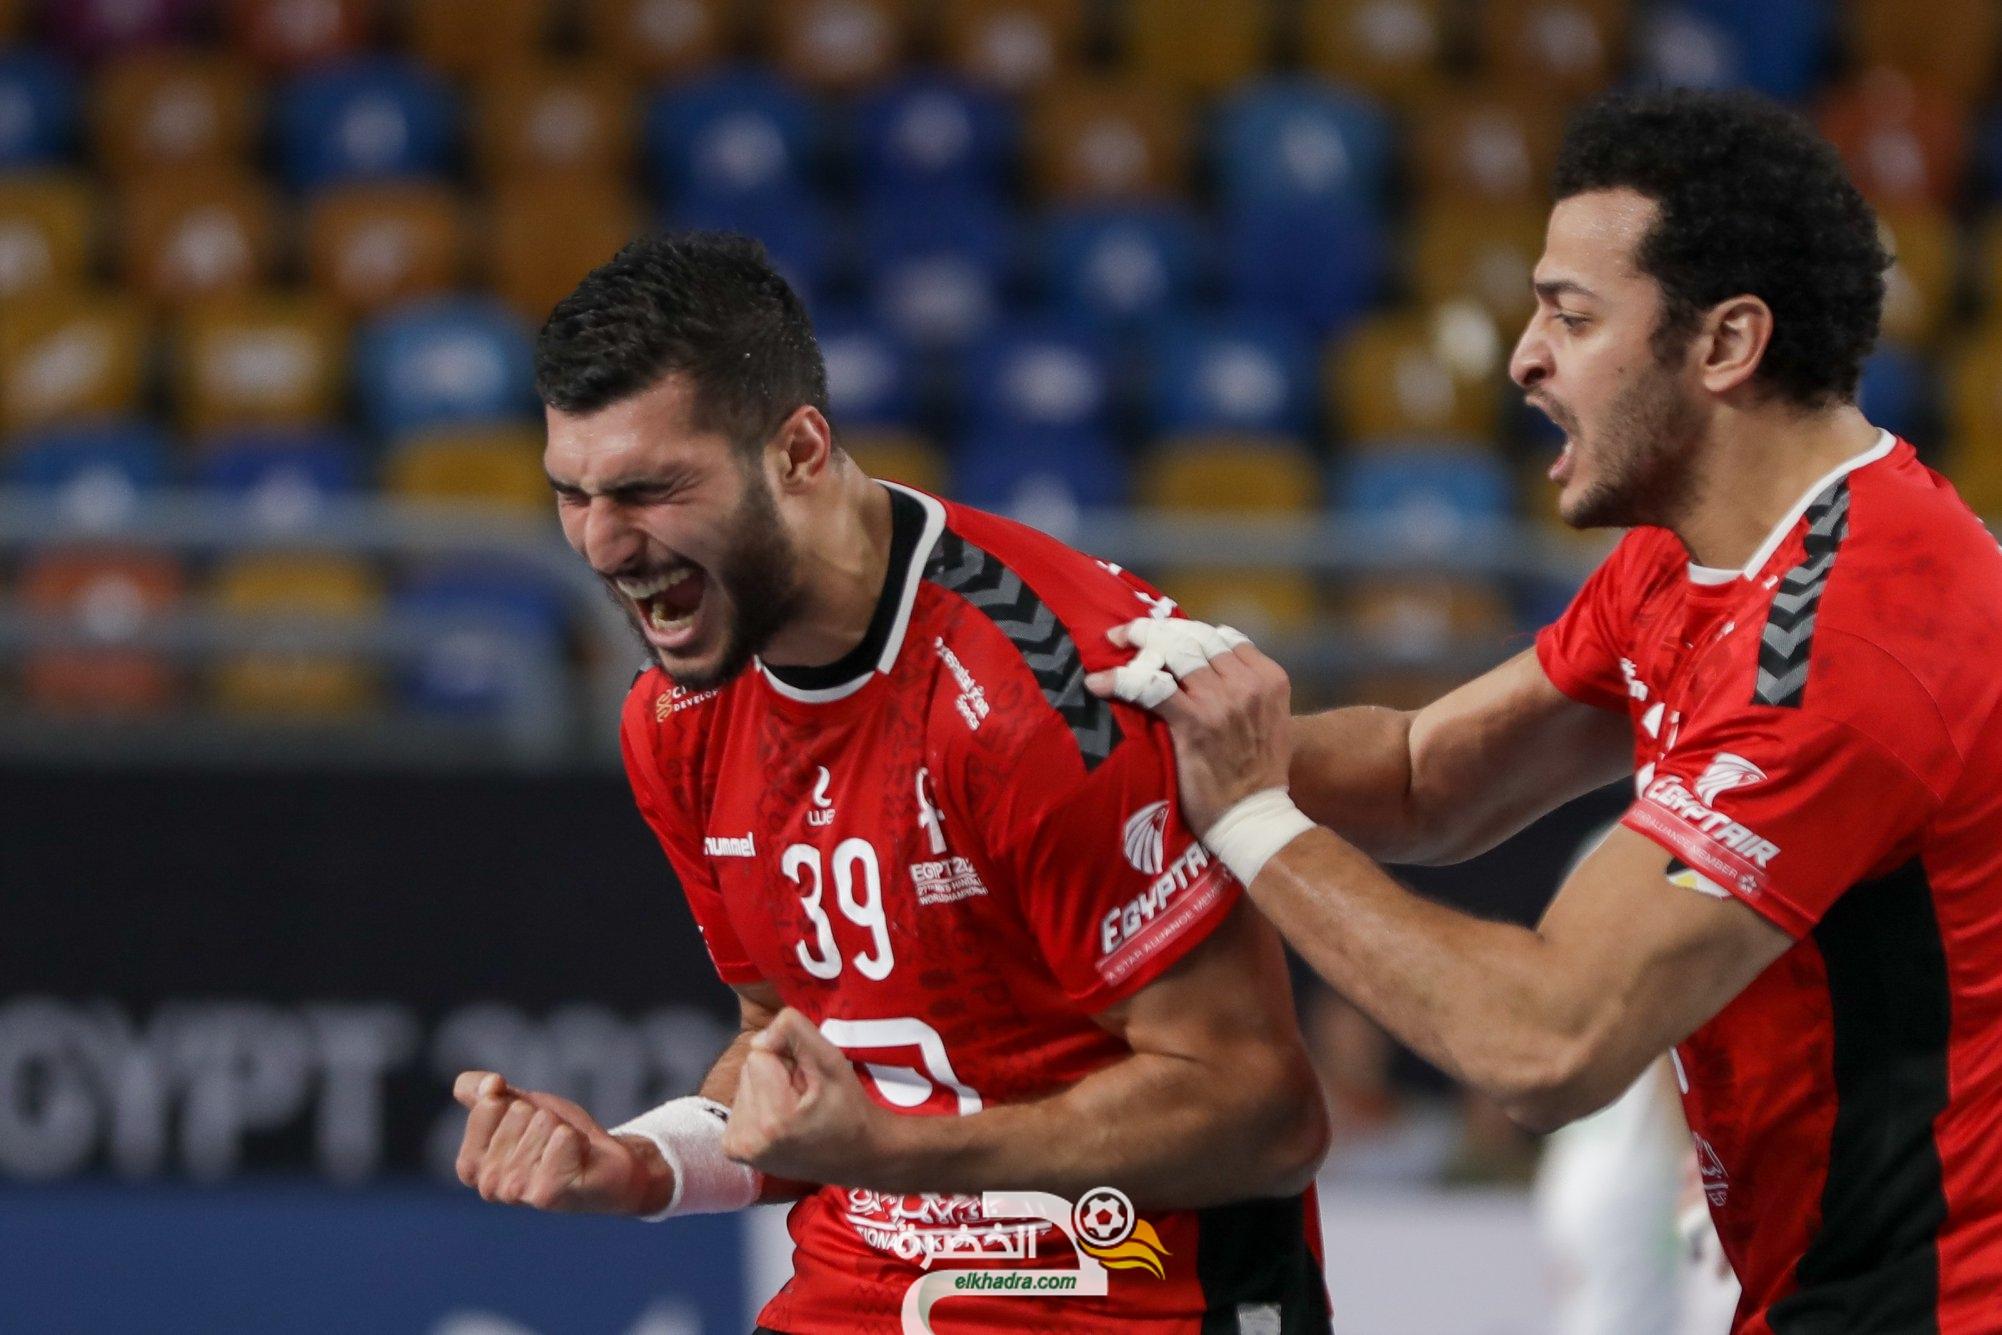 منتخب مصر لكرة اليد يتأهل إلى ربع نهائي بطولة العالم